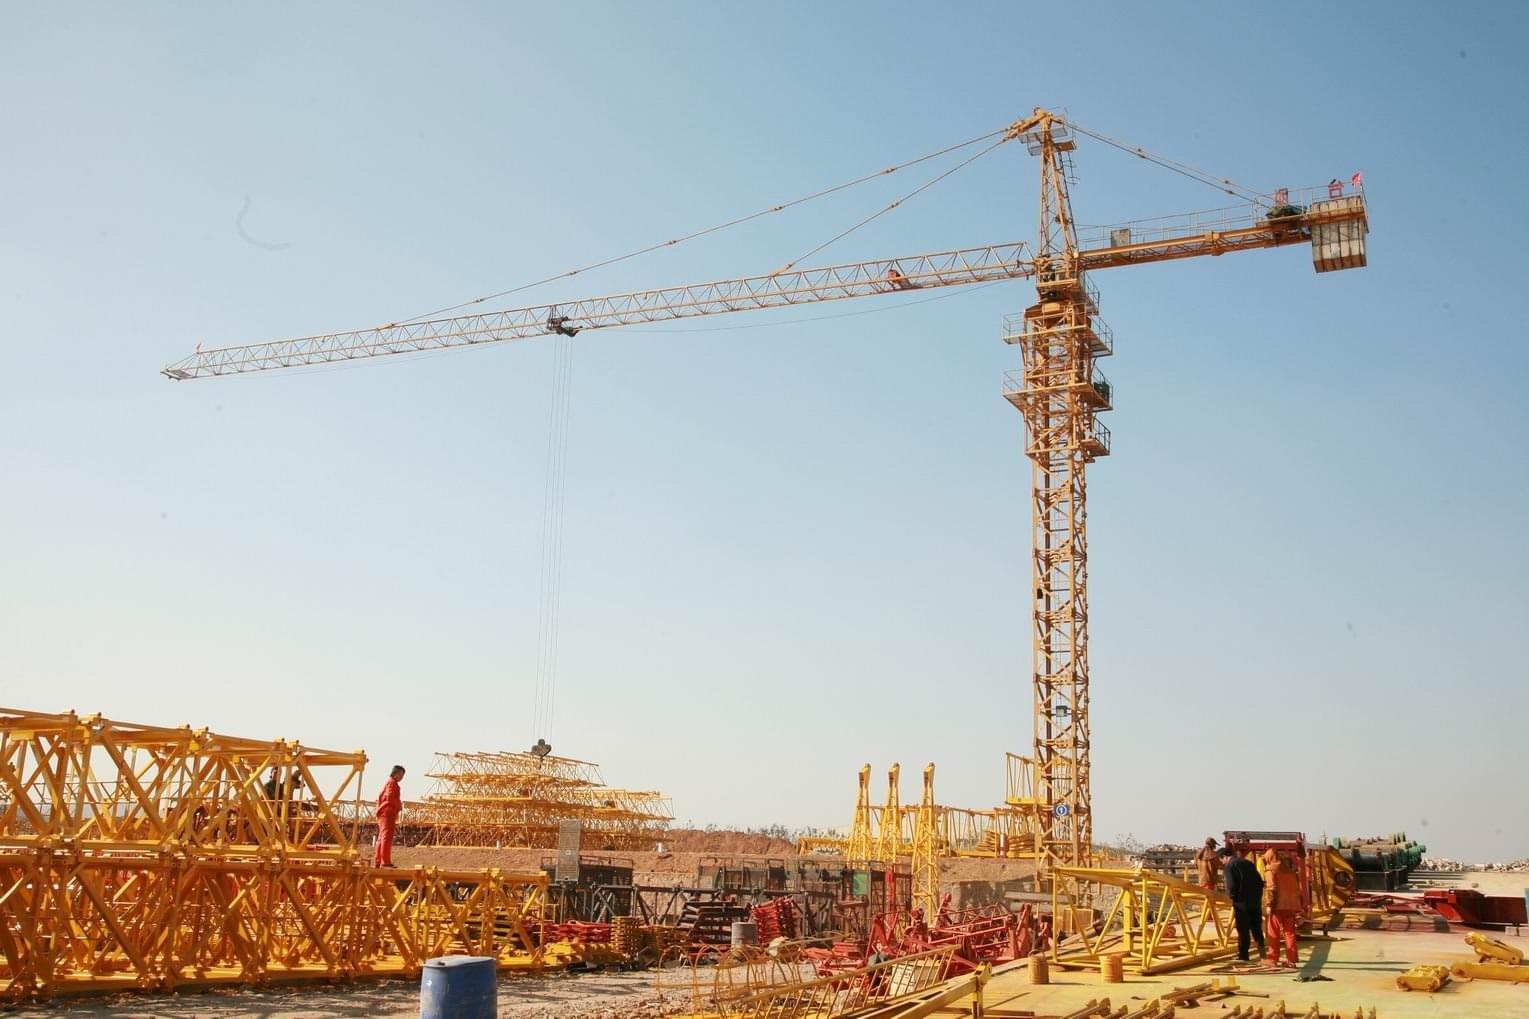 Сервис поставщиков строительных кранов MyCrane появится в Узбекистане